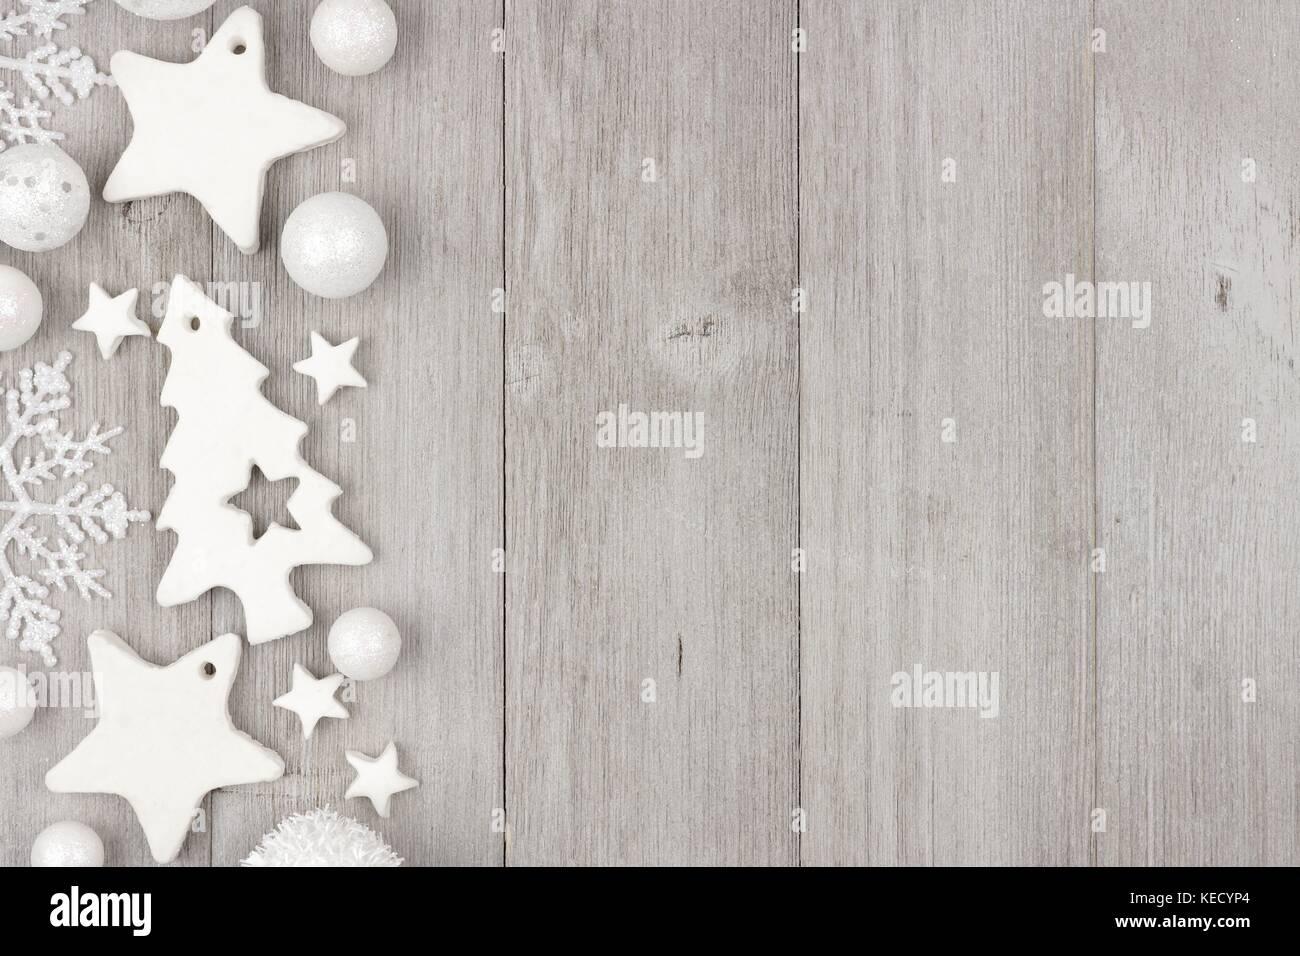 Relativ Weihnachten Seite Grenze mit shabby chic Handarbeit Ton Ornamente TQ44